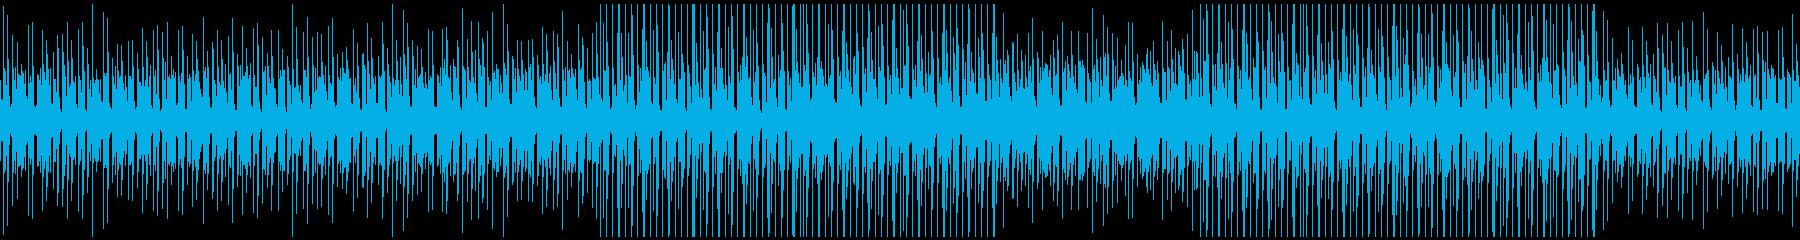 何気ない日常系BGMの再生済みの波形